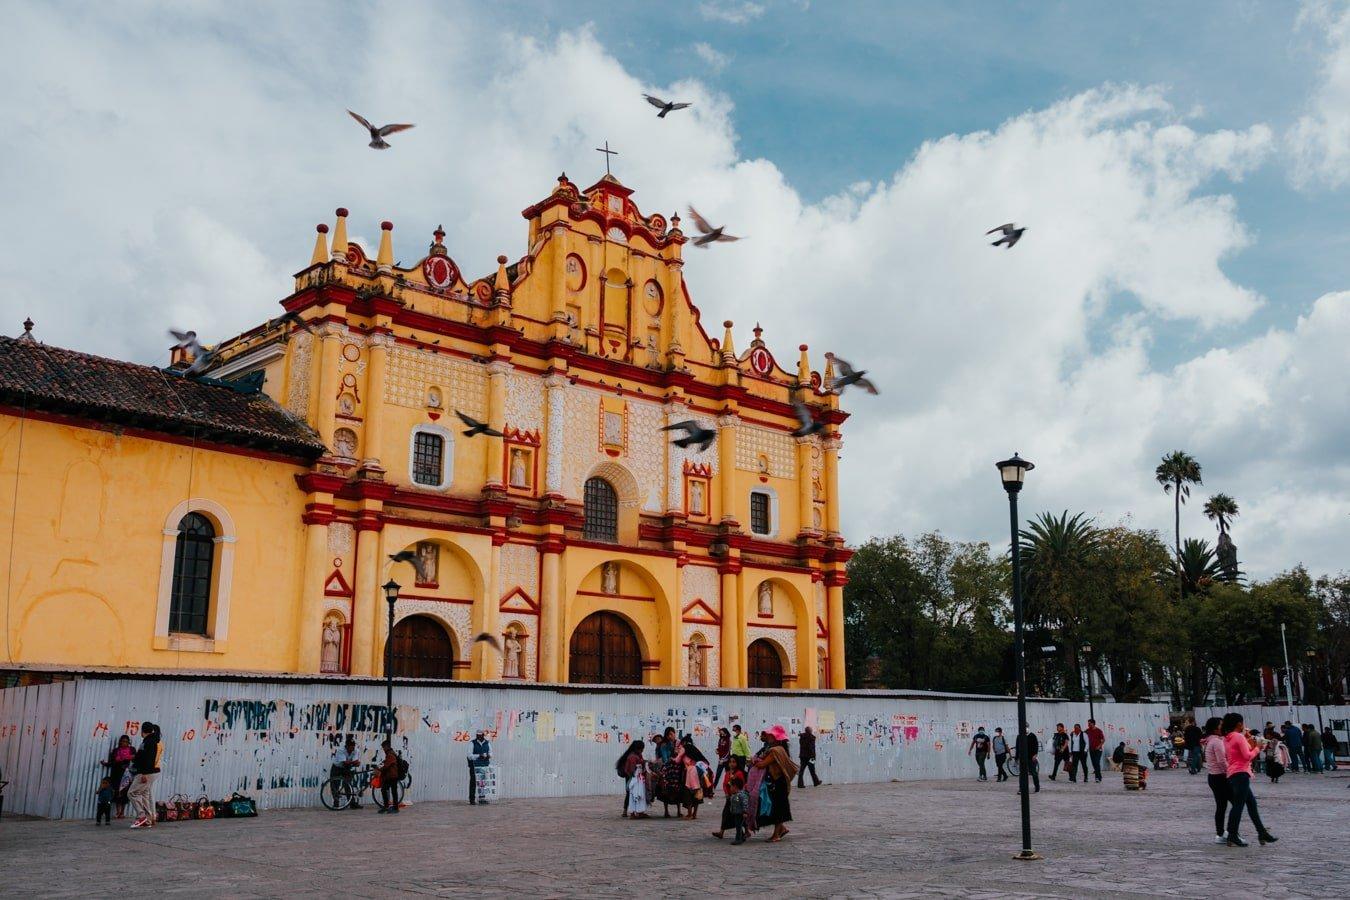 san cristobal cathedral on plaza de la paz in san cristobal de las casas